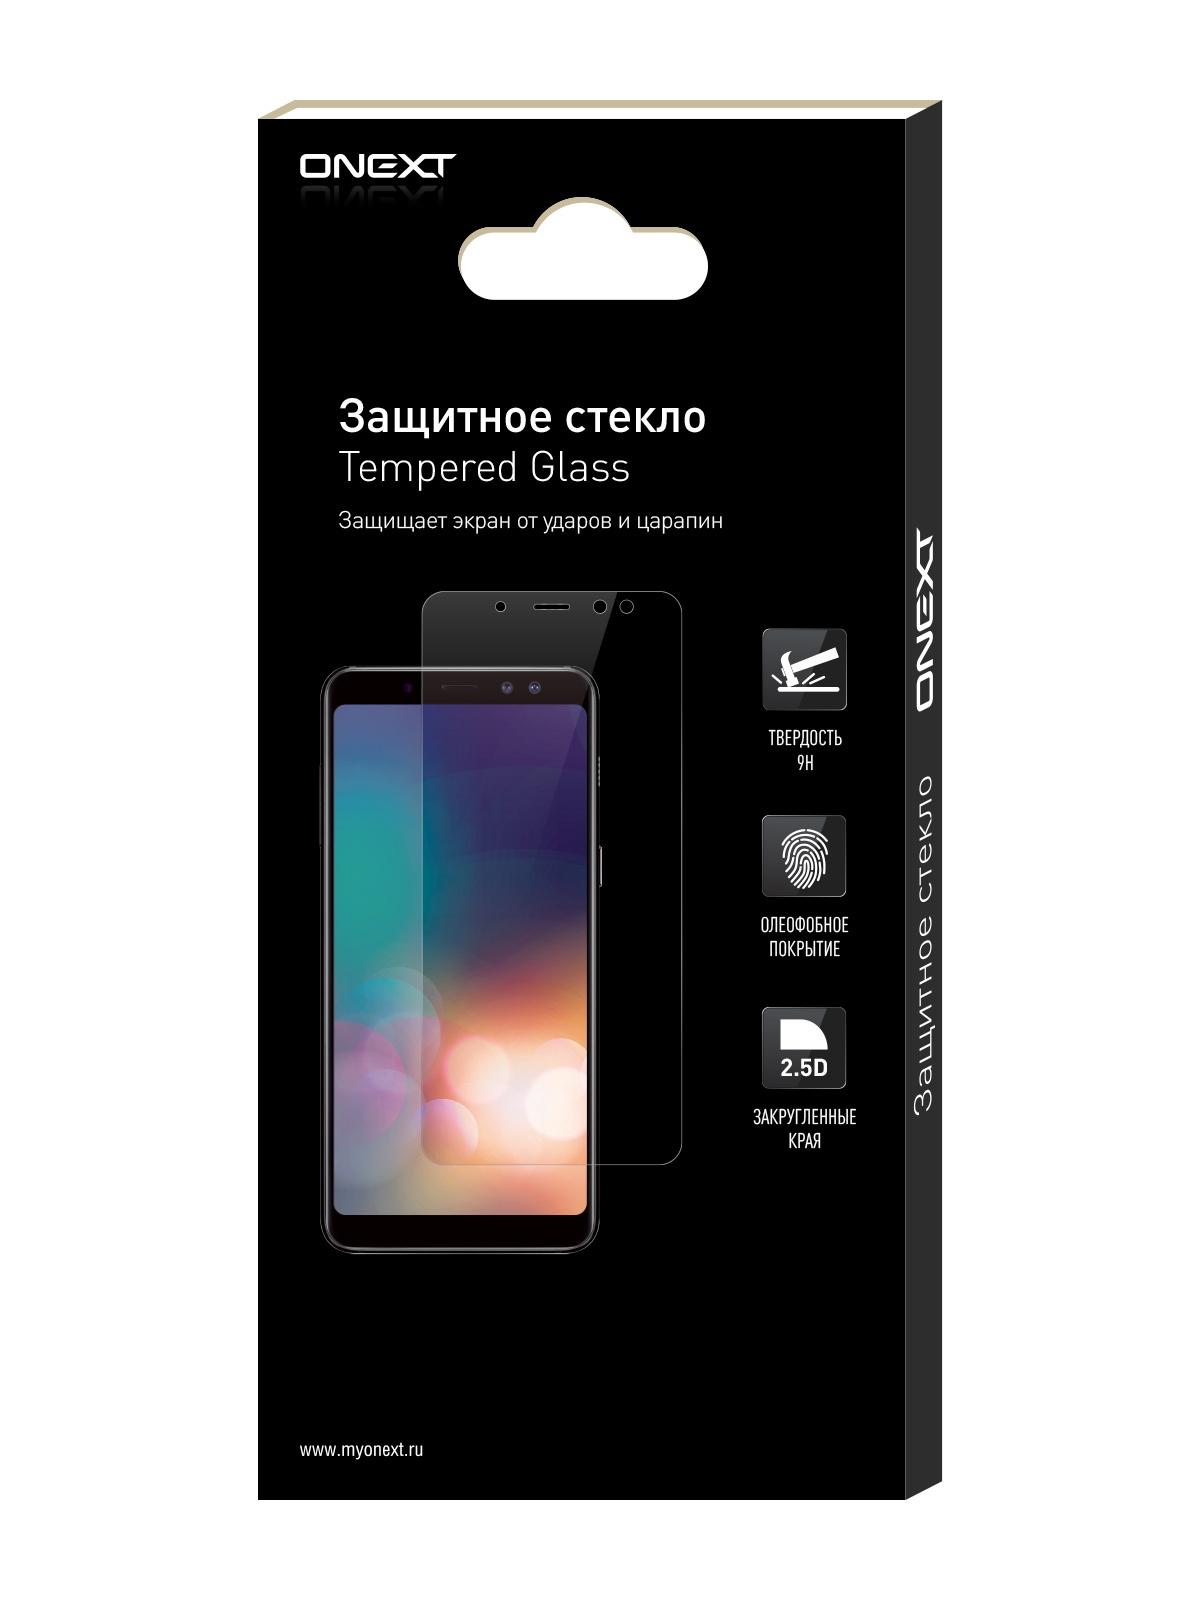 Защитное стекло ONEXT ZTE BLADE V8 Mini onext защитное стекло onext для телефона zte blade gf3